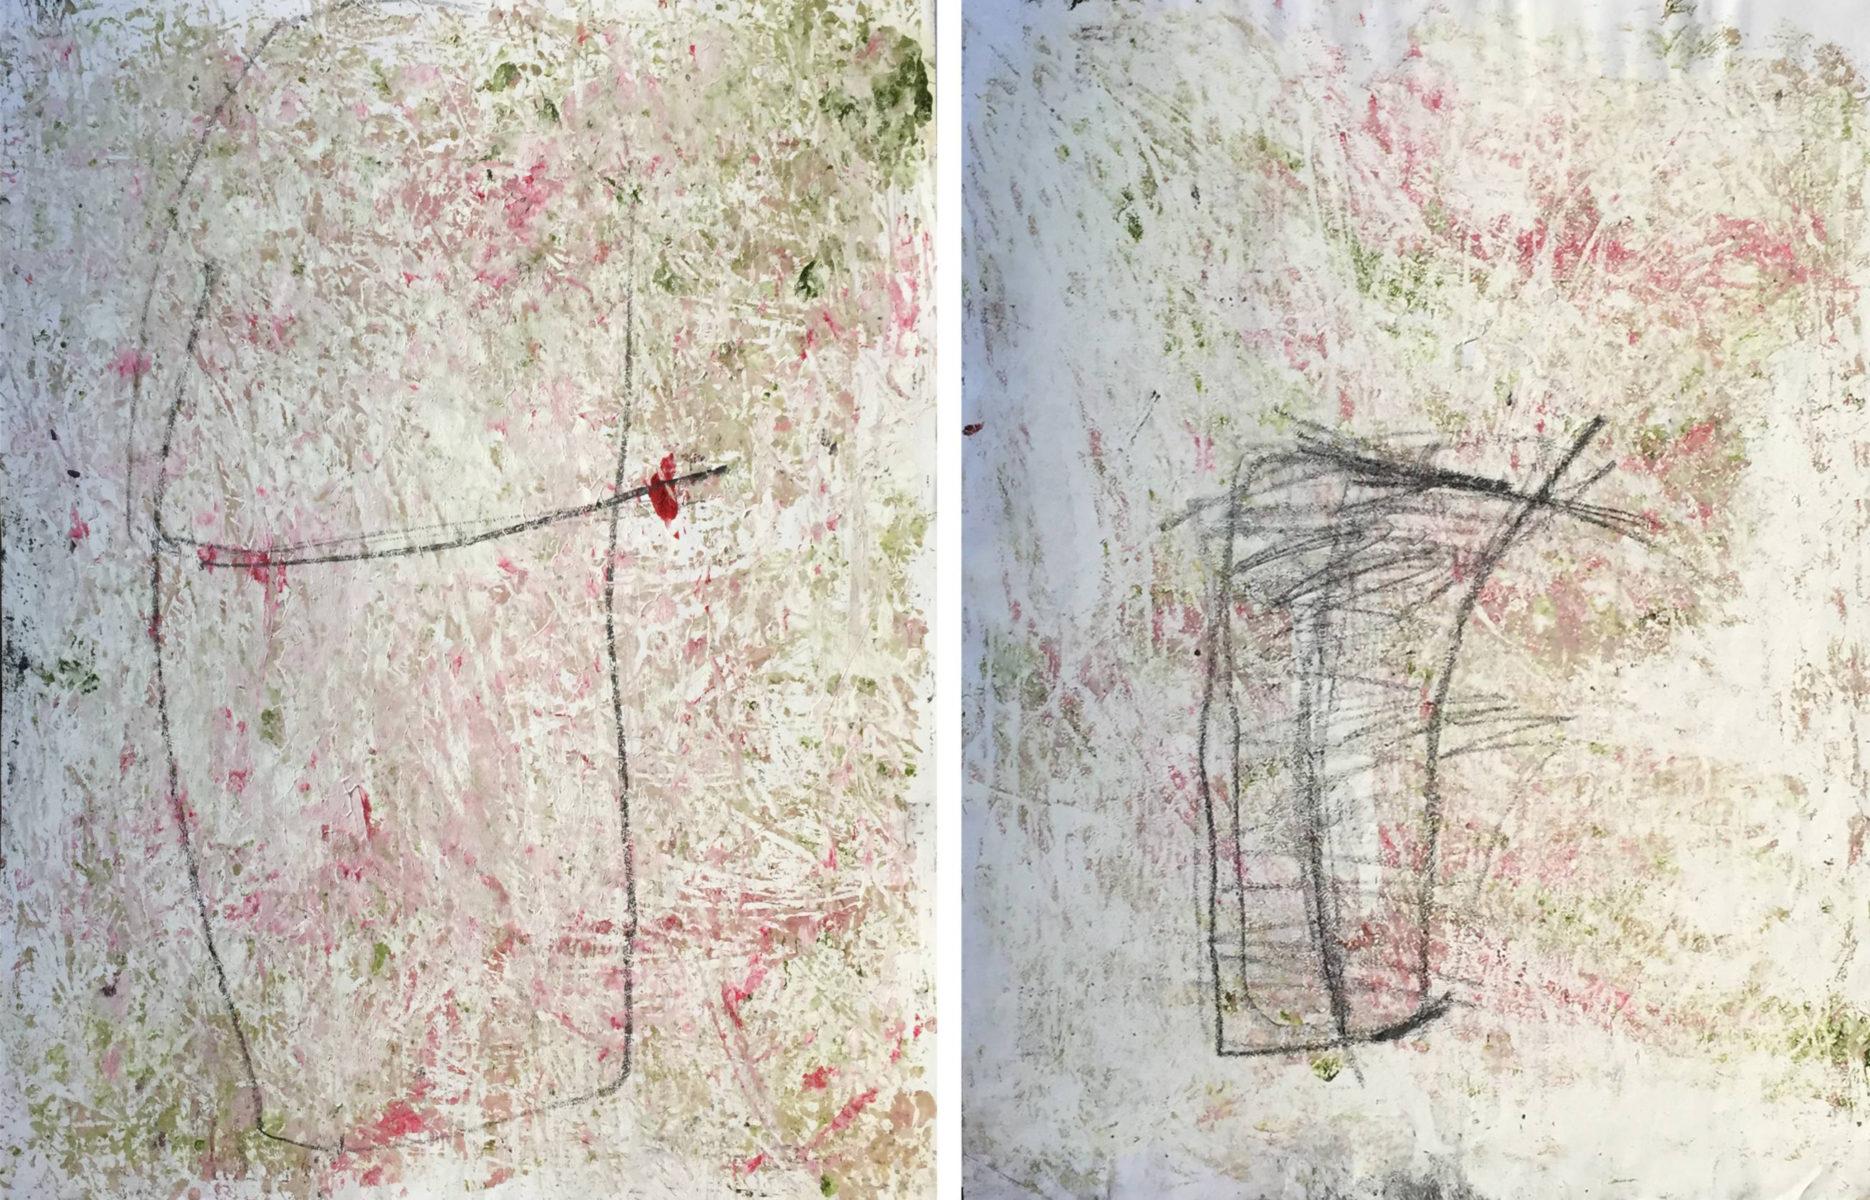 MARC FELD 2016 PARACELSE  Huile acrylique et mine de plomb sur papier 105 x 65 cm